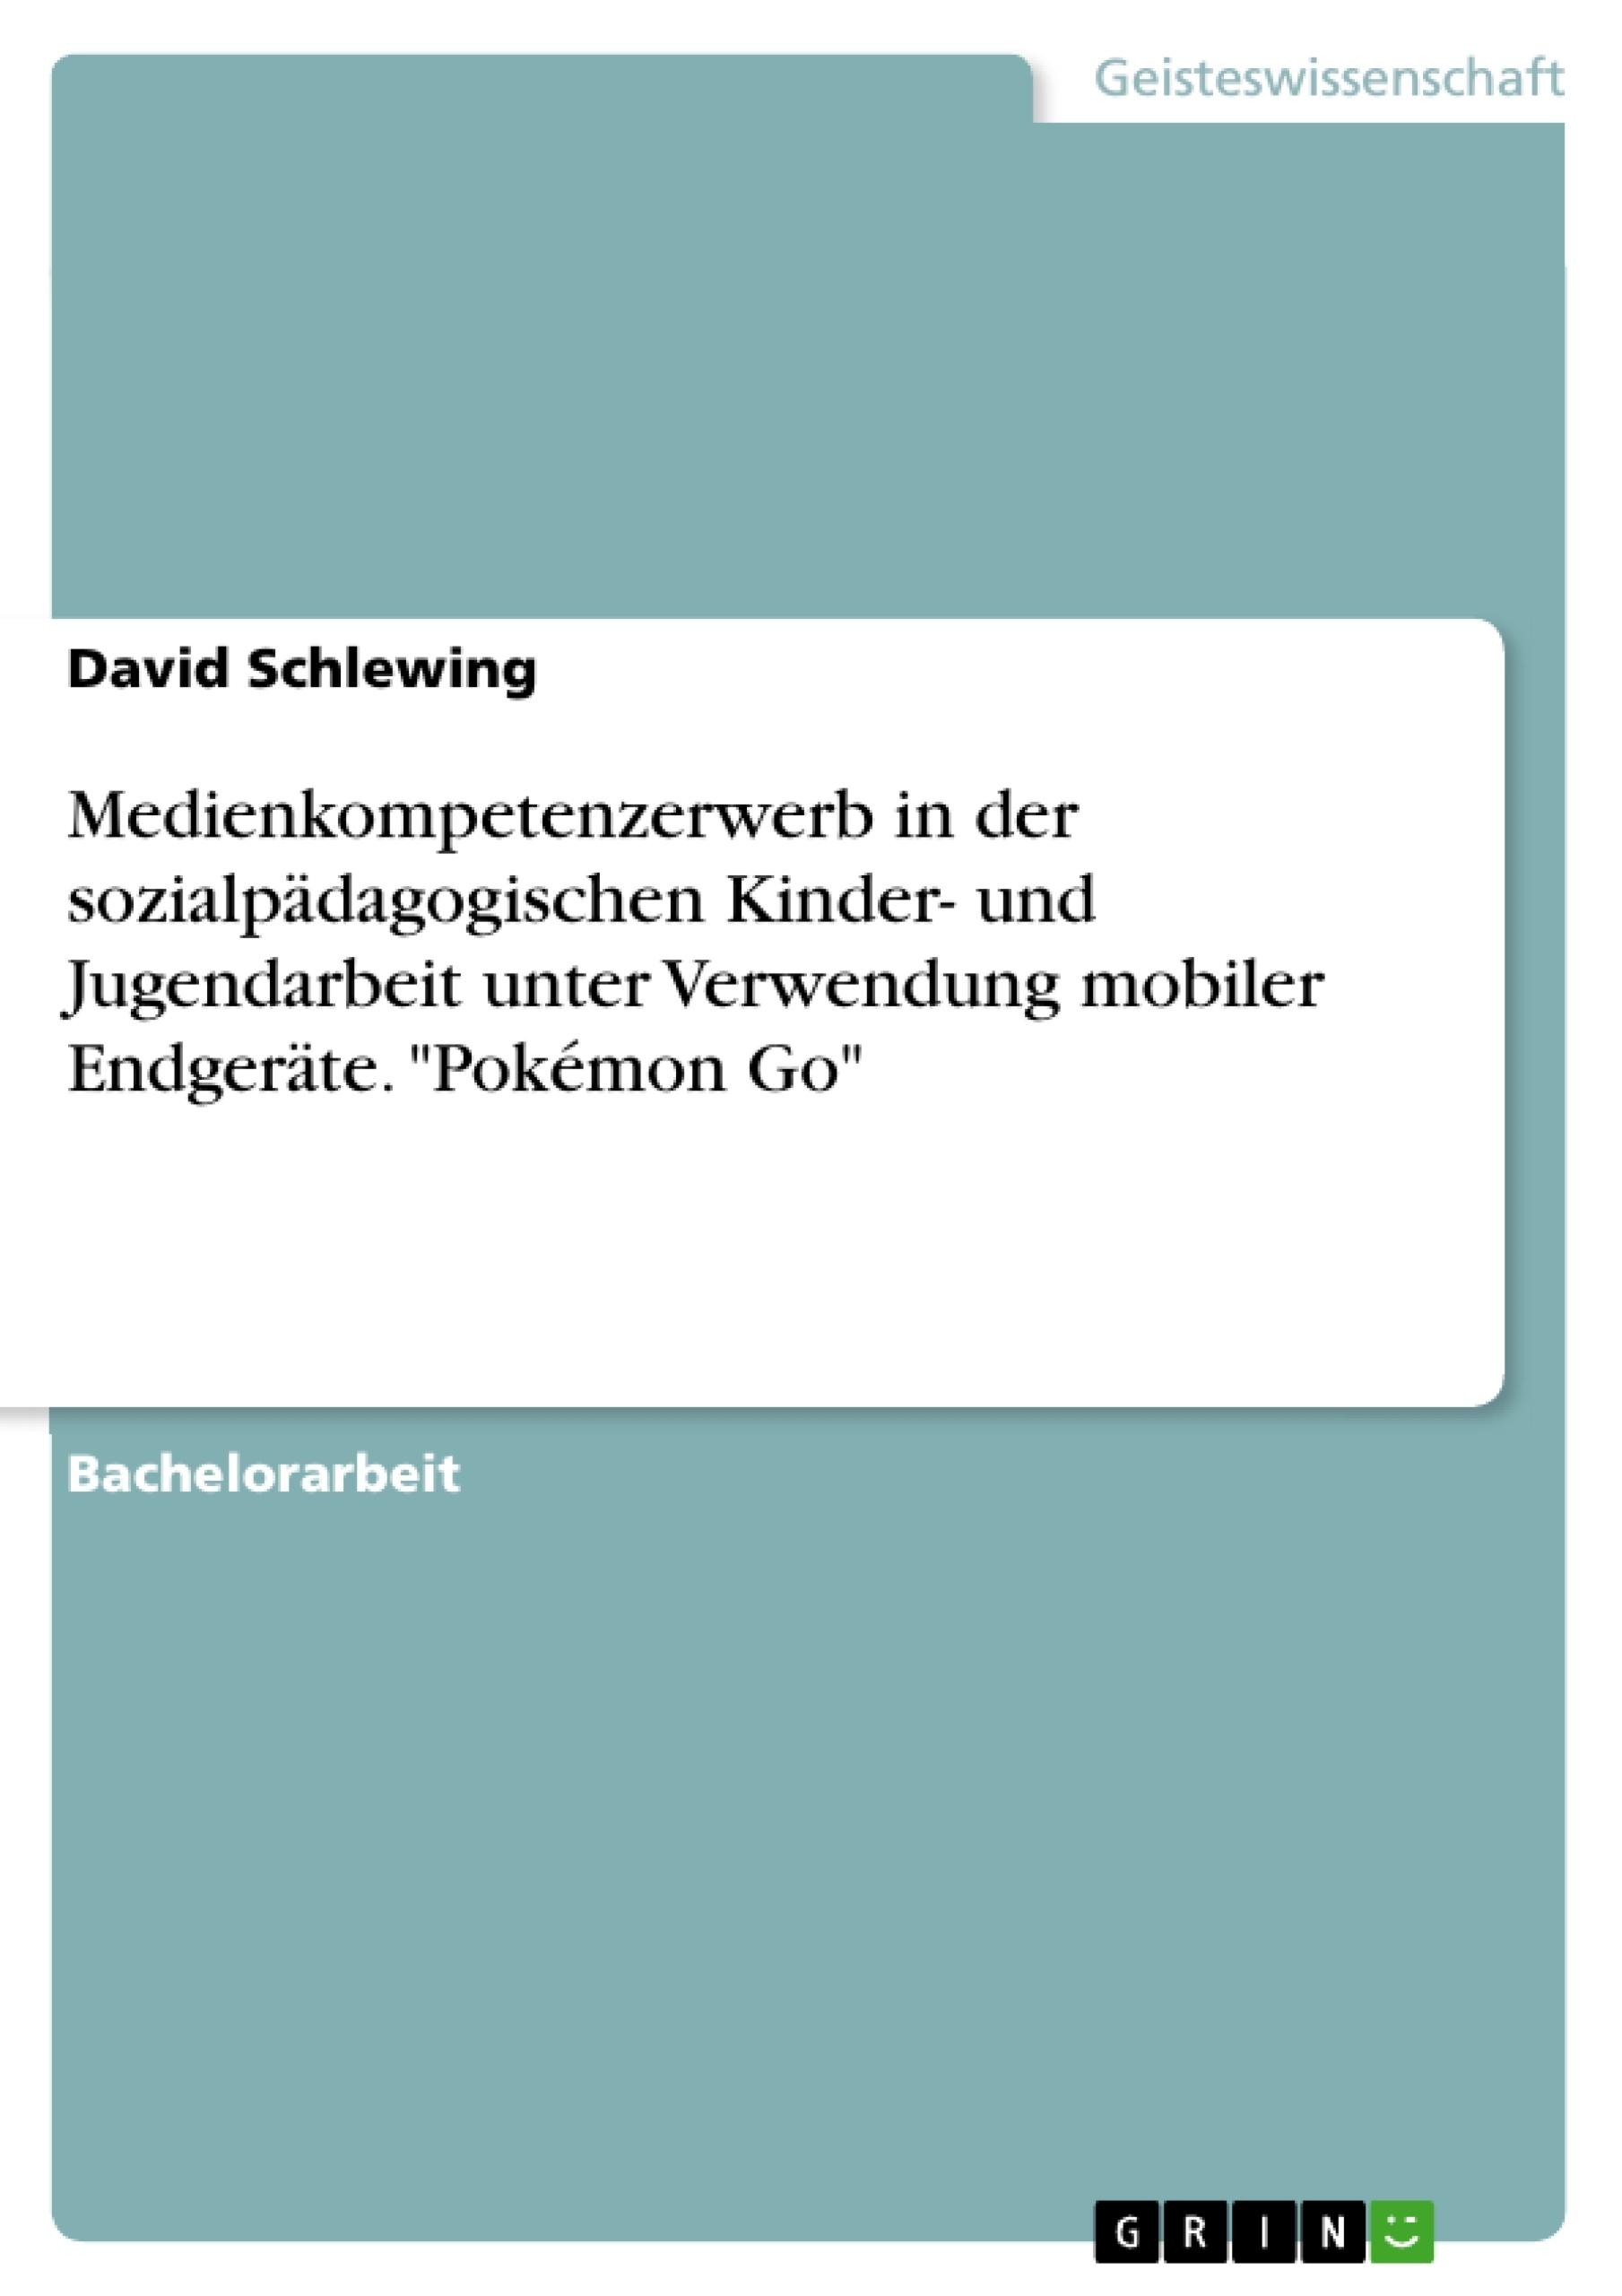 """Titel: Medienkompetenzerwerb in der sozialpädagogischen Kinder- und Jugendarbeit unter Verwendung mobiler Endgeräte. """"Pokémon Go"""""""